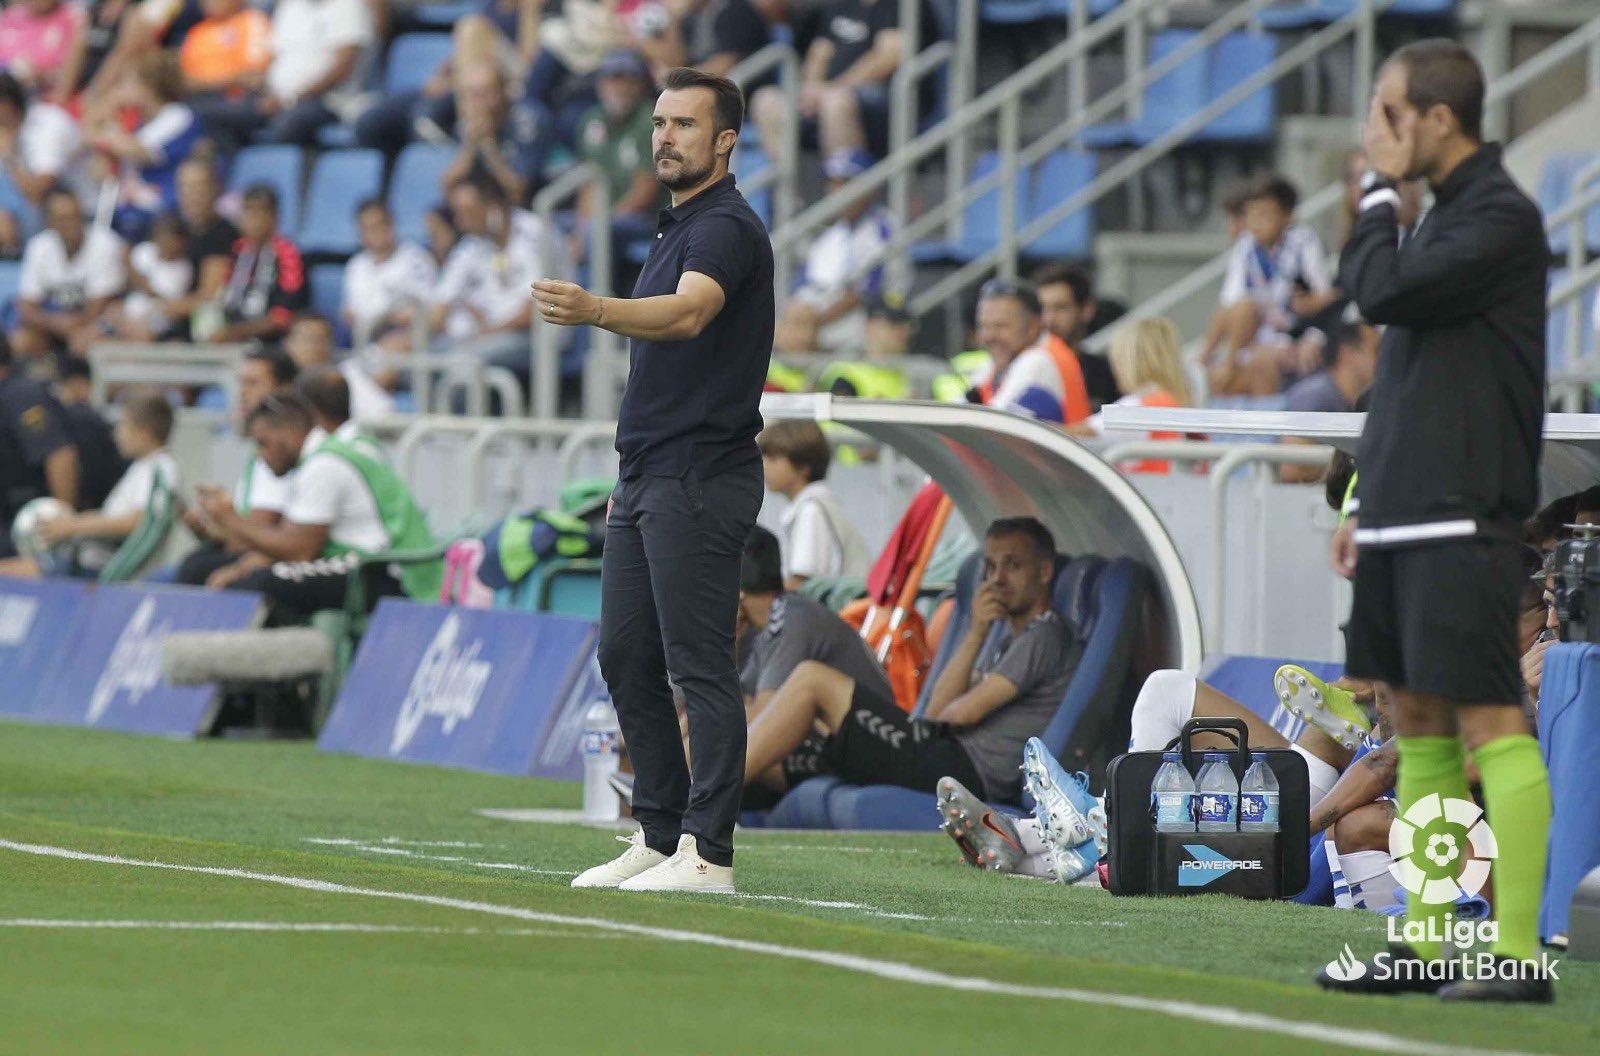 López Garai llega al Albacete Balompié con más de 100 partidos de experiencia como técnico. Foto: LaLiga SmartBank.